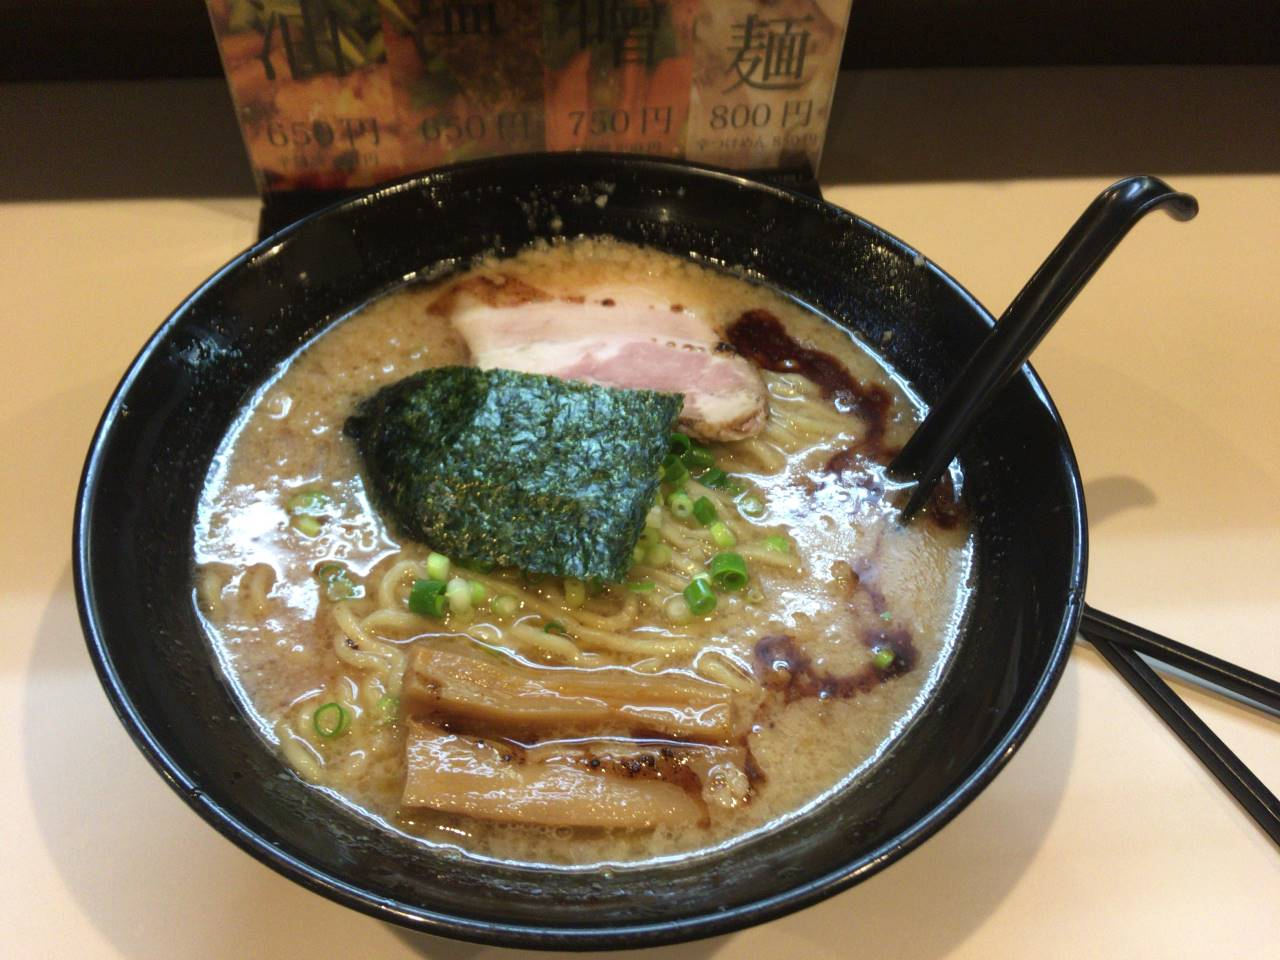 麺屋鶏豚(トリトン tori ton)の醤油